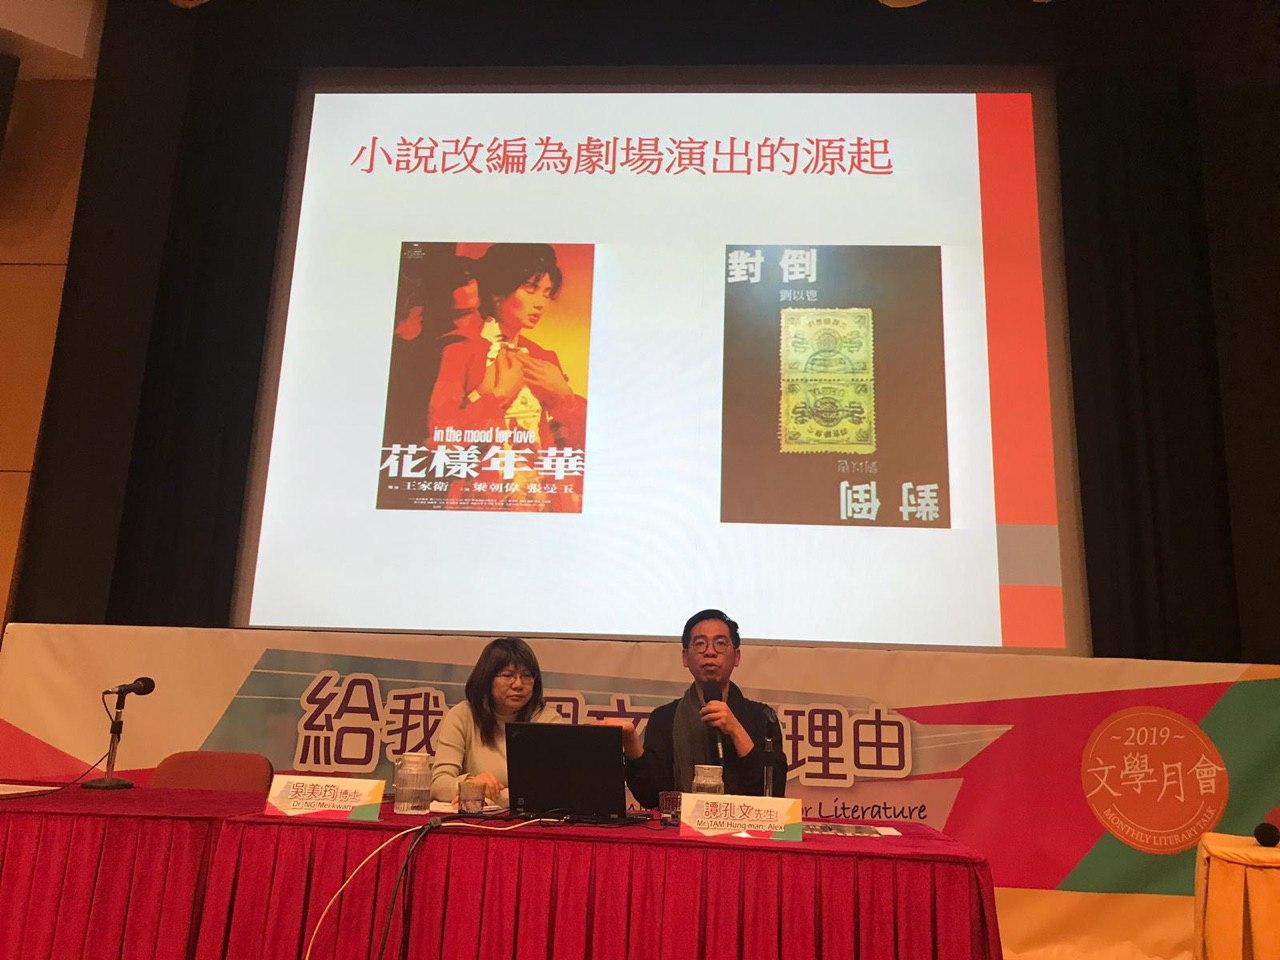 講者譚孔文透過電影《花樣年華》認識劉以鬯,繼而踏上香港文學改編劇場之路